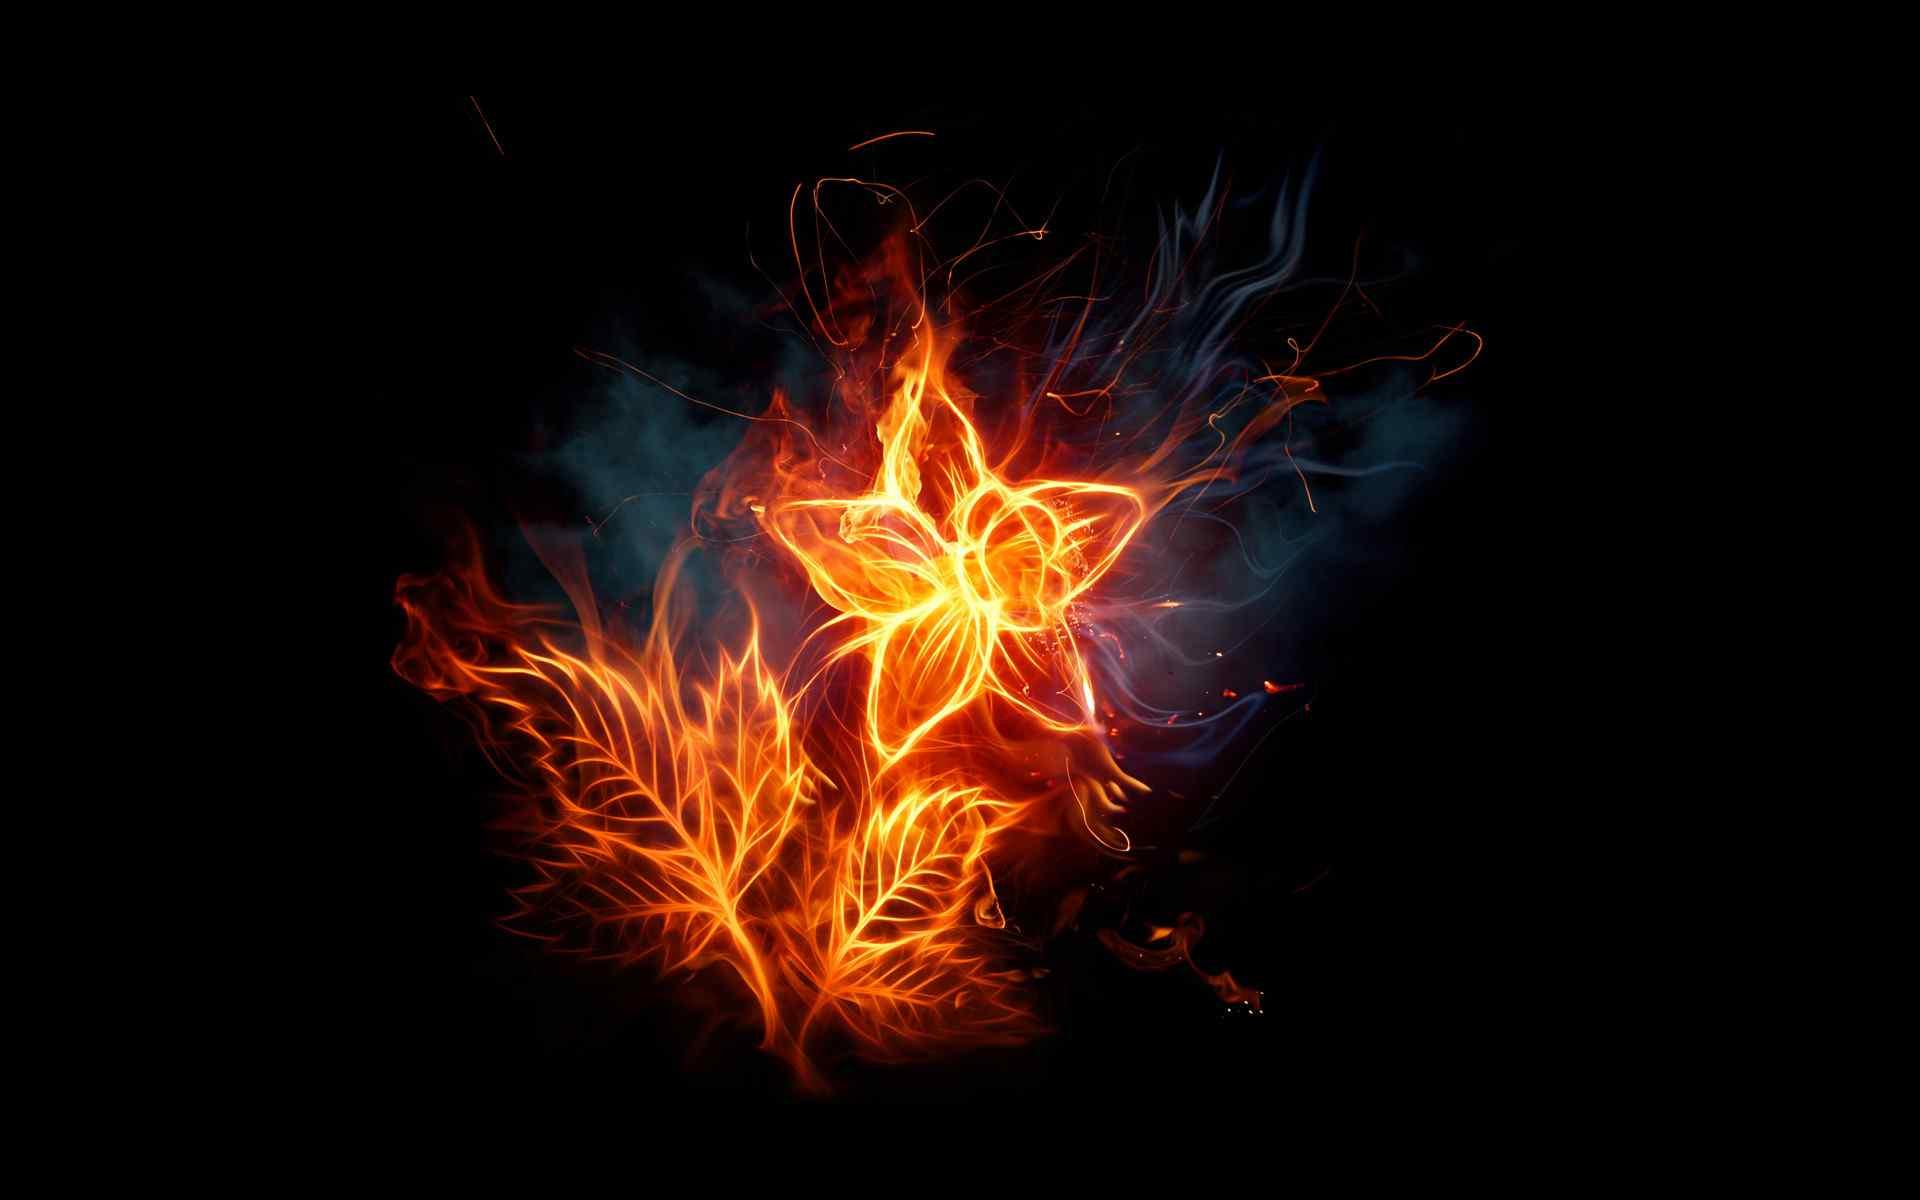 火焰CG效果创意设计精美桌面壁纸图片下载